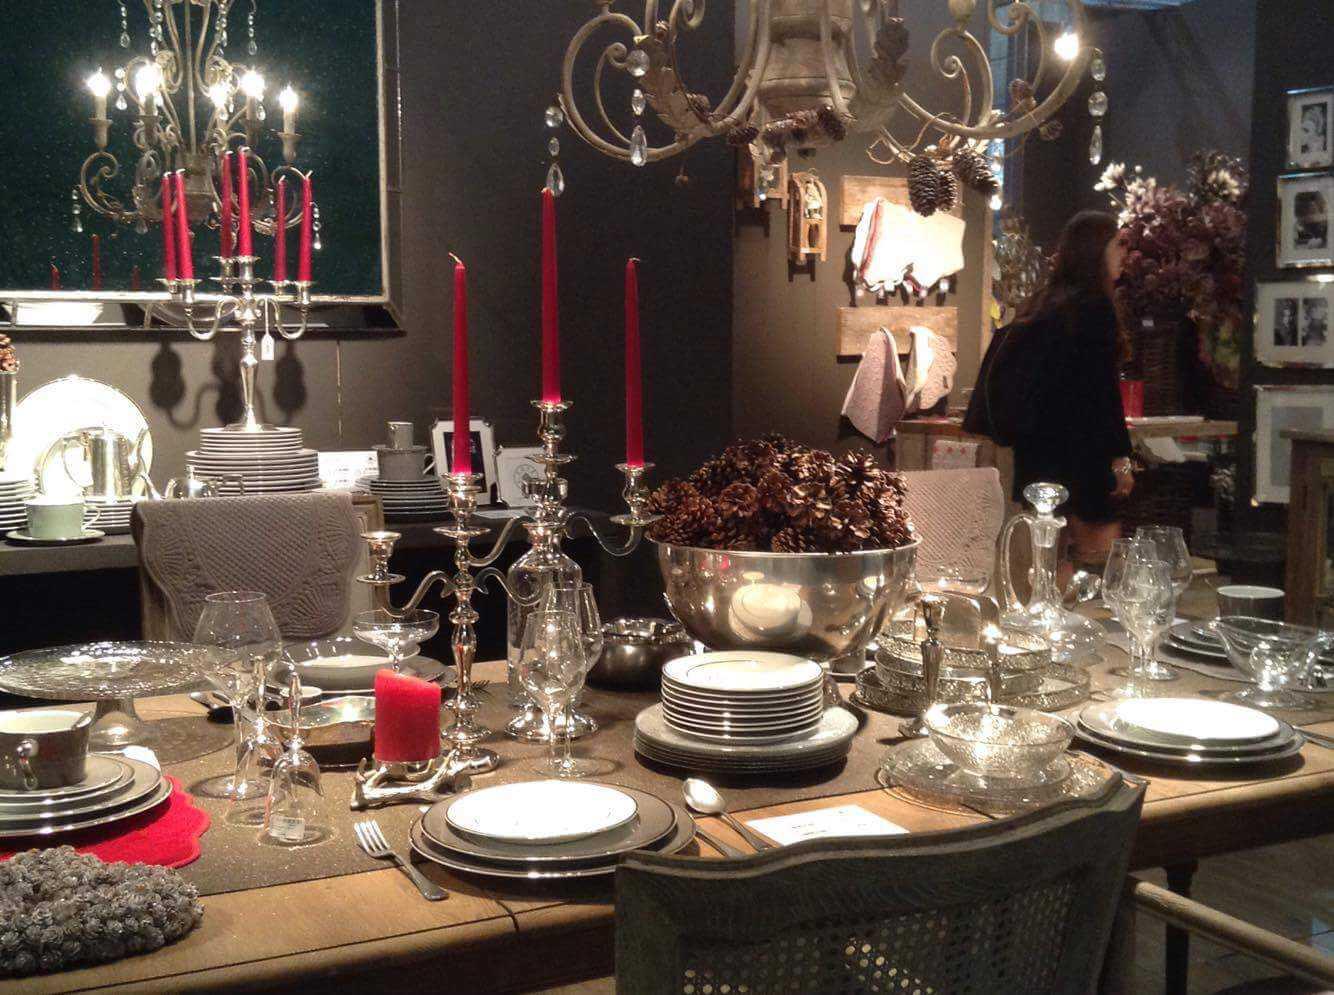 Homi il salone degli stili di vita alla scoperta di tutte le notiv per la casa - Fiere per la casa ...